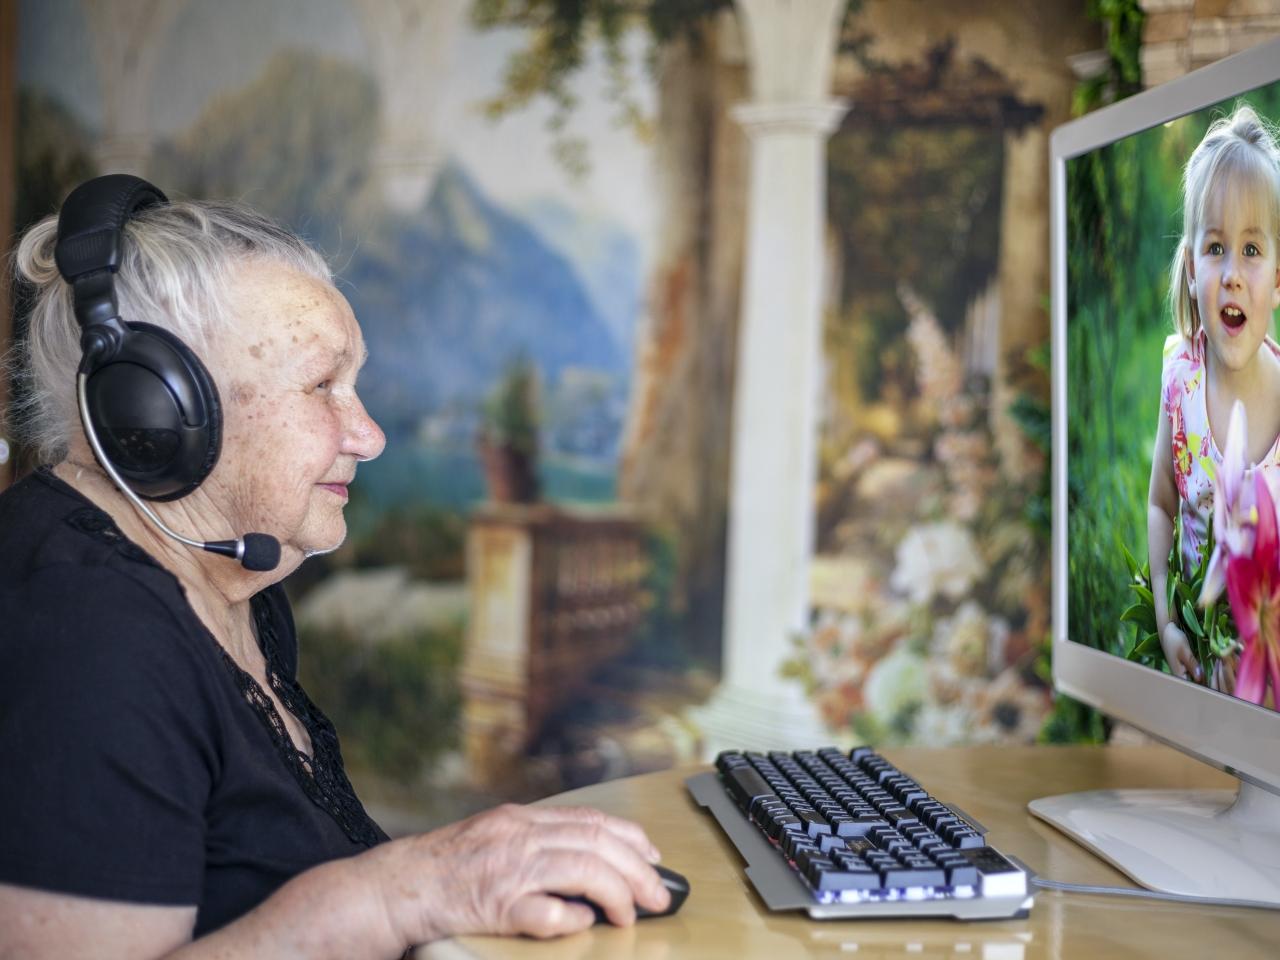 Eine ältere Frau sitzt mit einem Kopfhörer vor einem Bildschirm auf dem ihre Enkeltochter zu sehen ist.